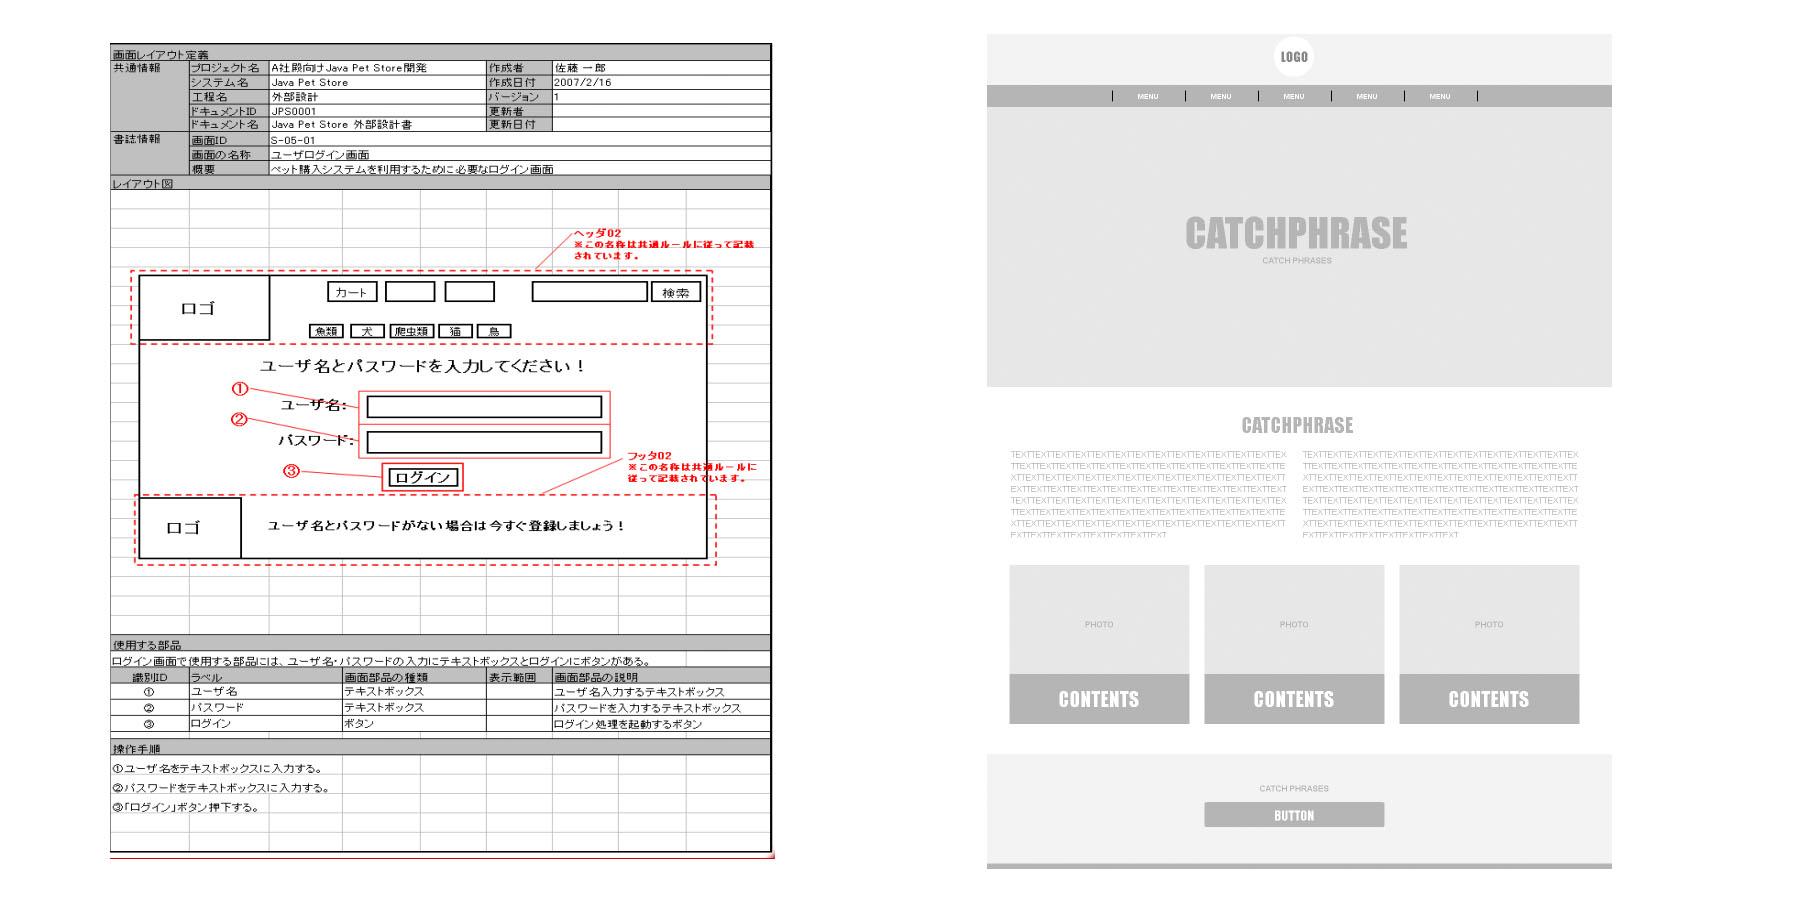 画面仕様書とワイヤーフレームのイメージ図